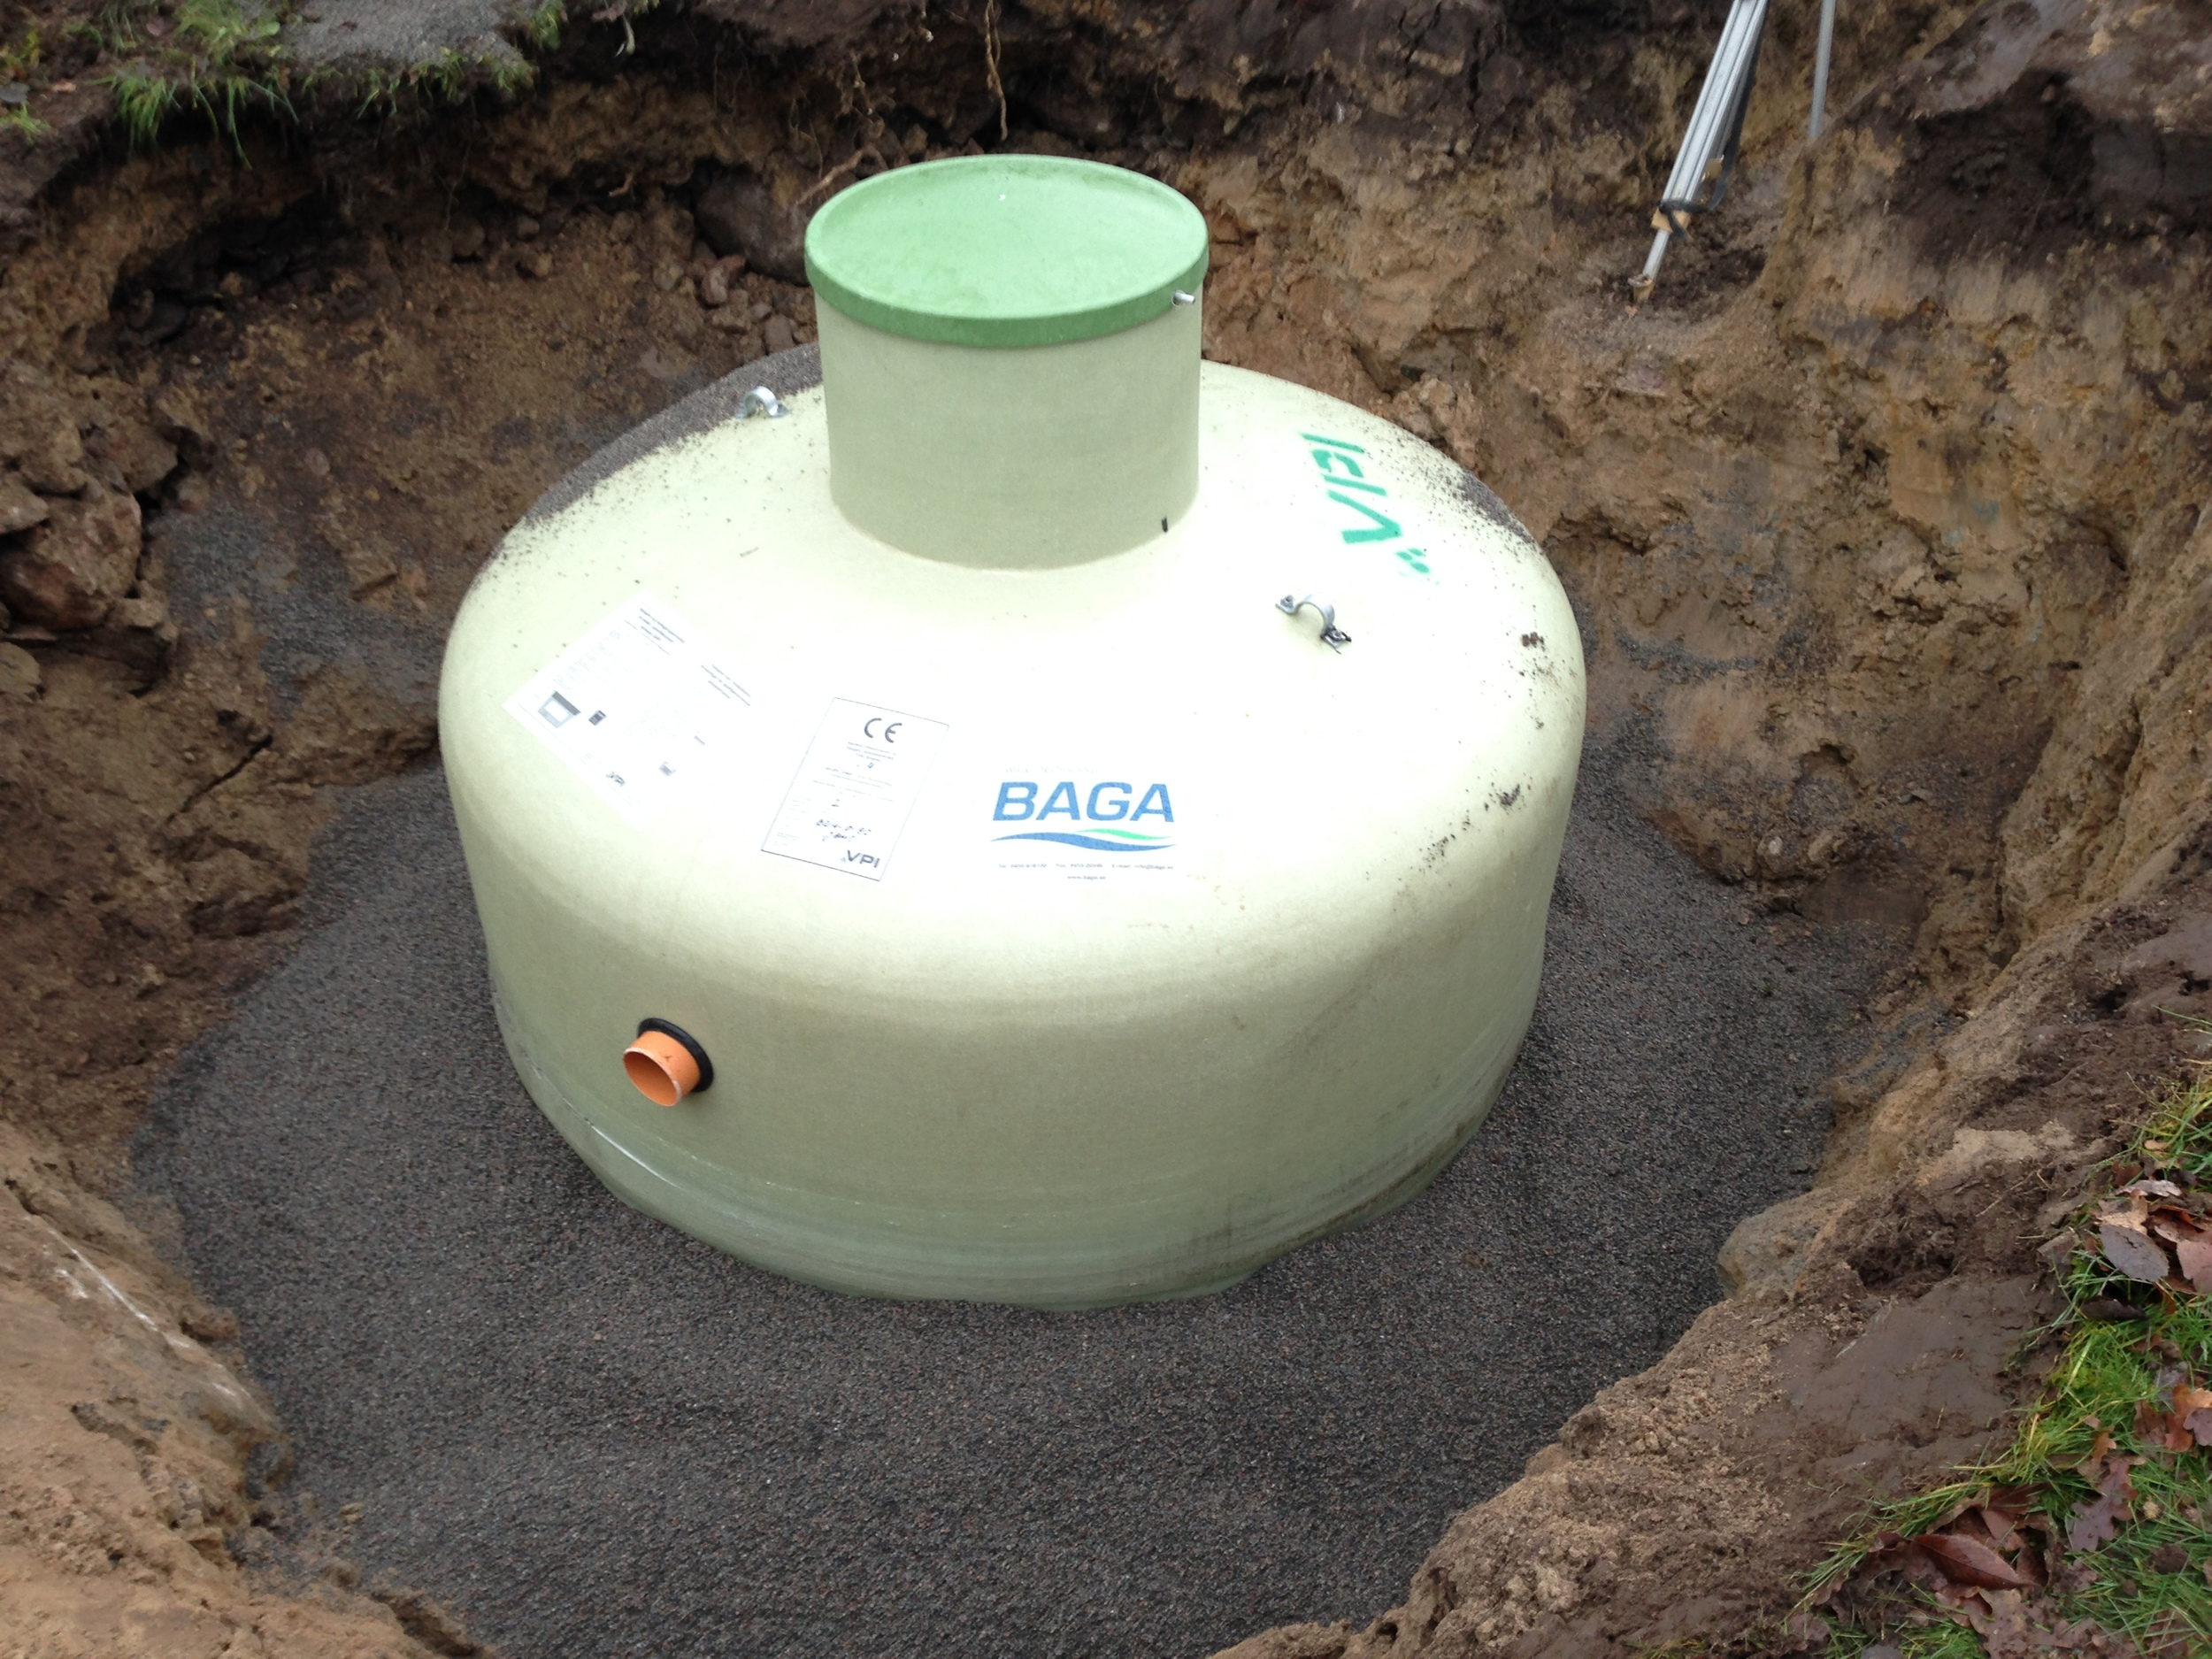 Slamavskiljare Baga 2,2m3 med integrerad pumpbrunn (Nivåalarm).